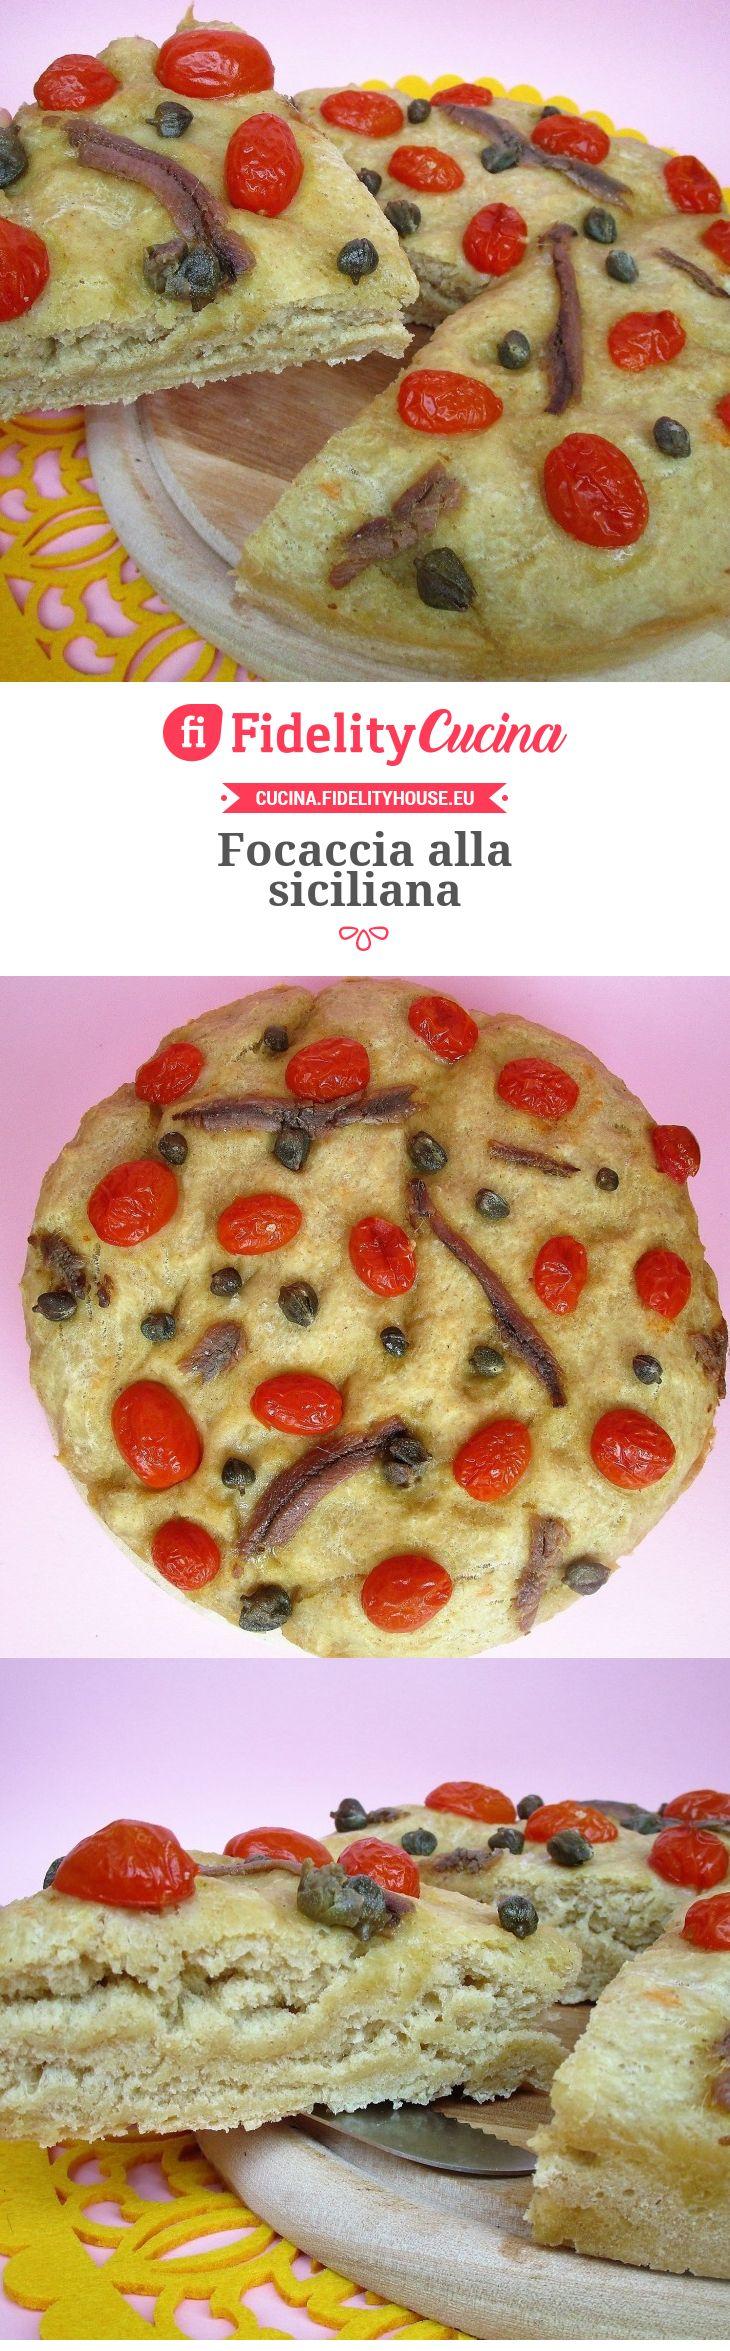 Focaccia alla siciliana